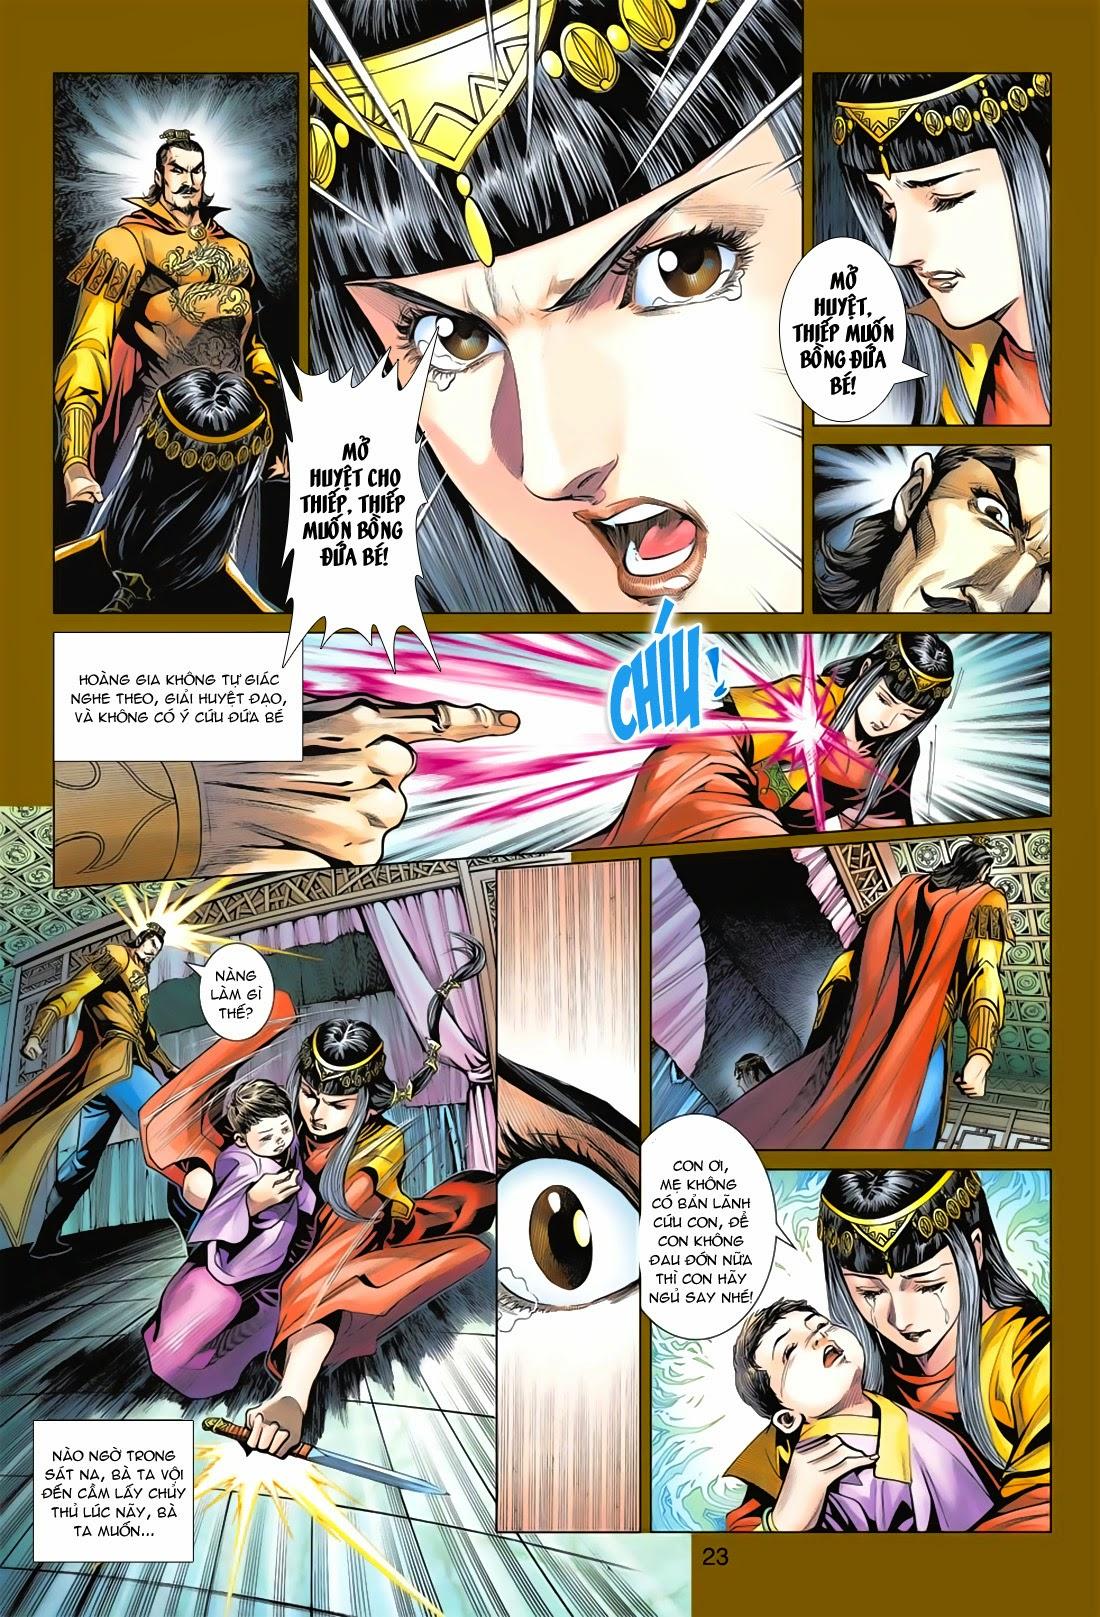 Anh Hùng Xạ Điêu anh hùng xạ đêu chap 78: sát anh trang 23